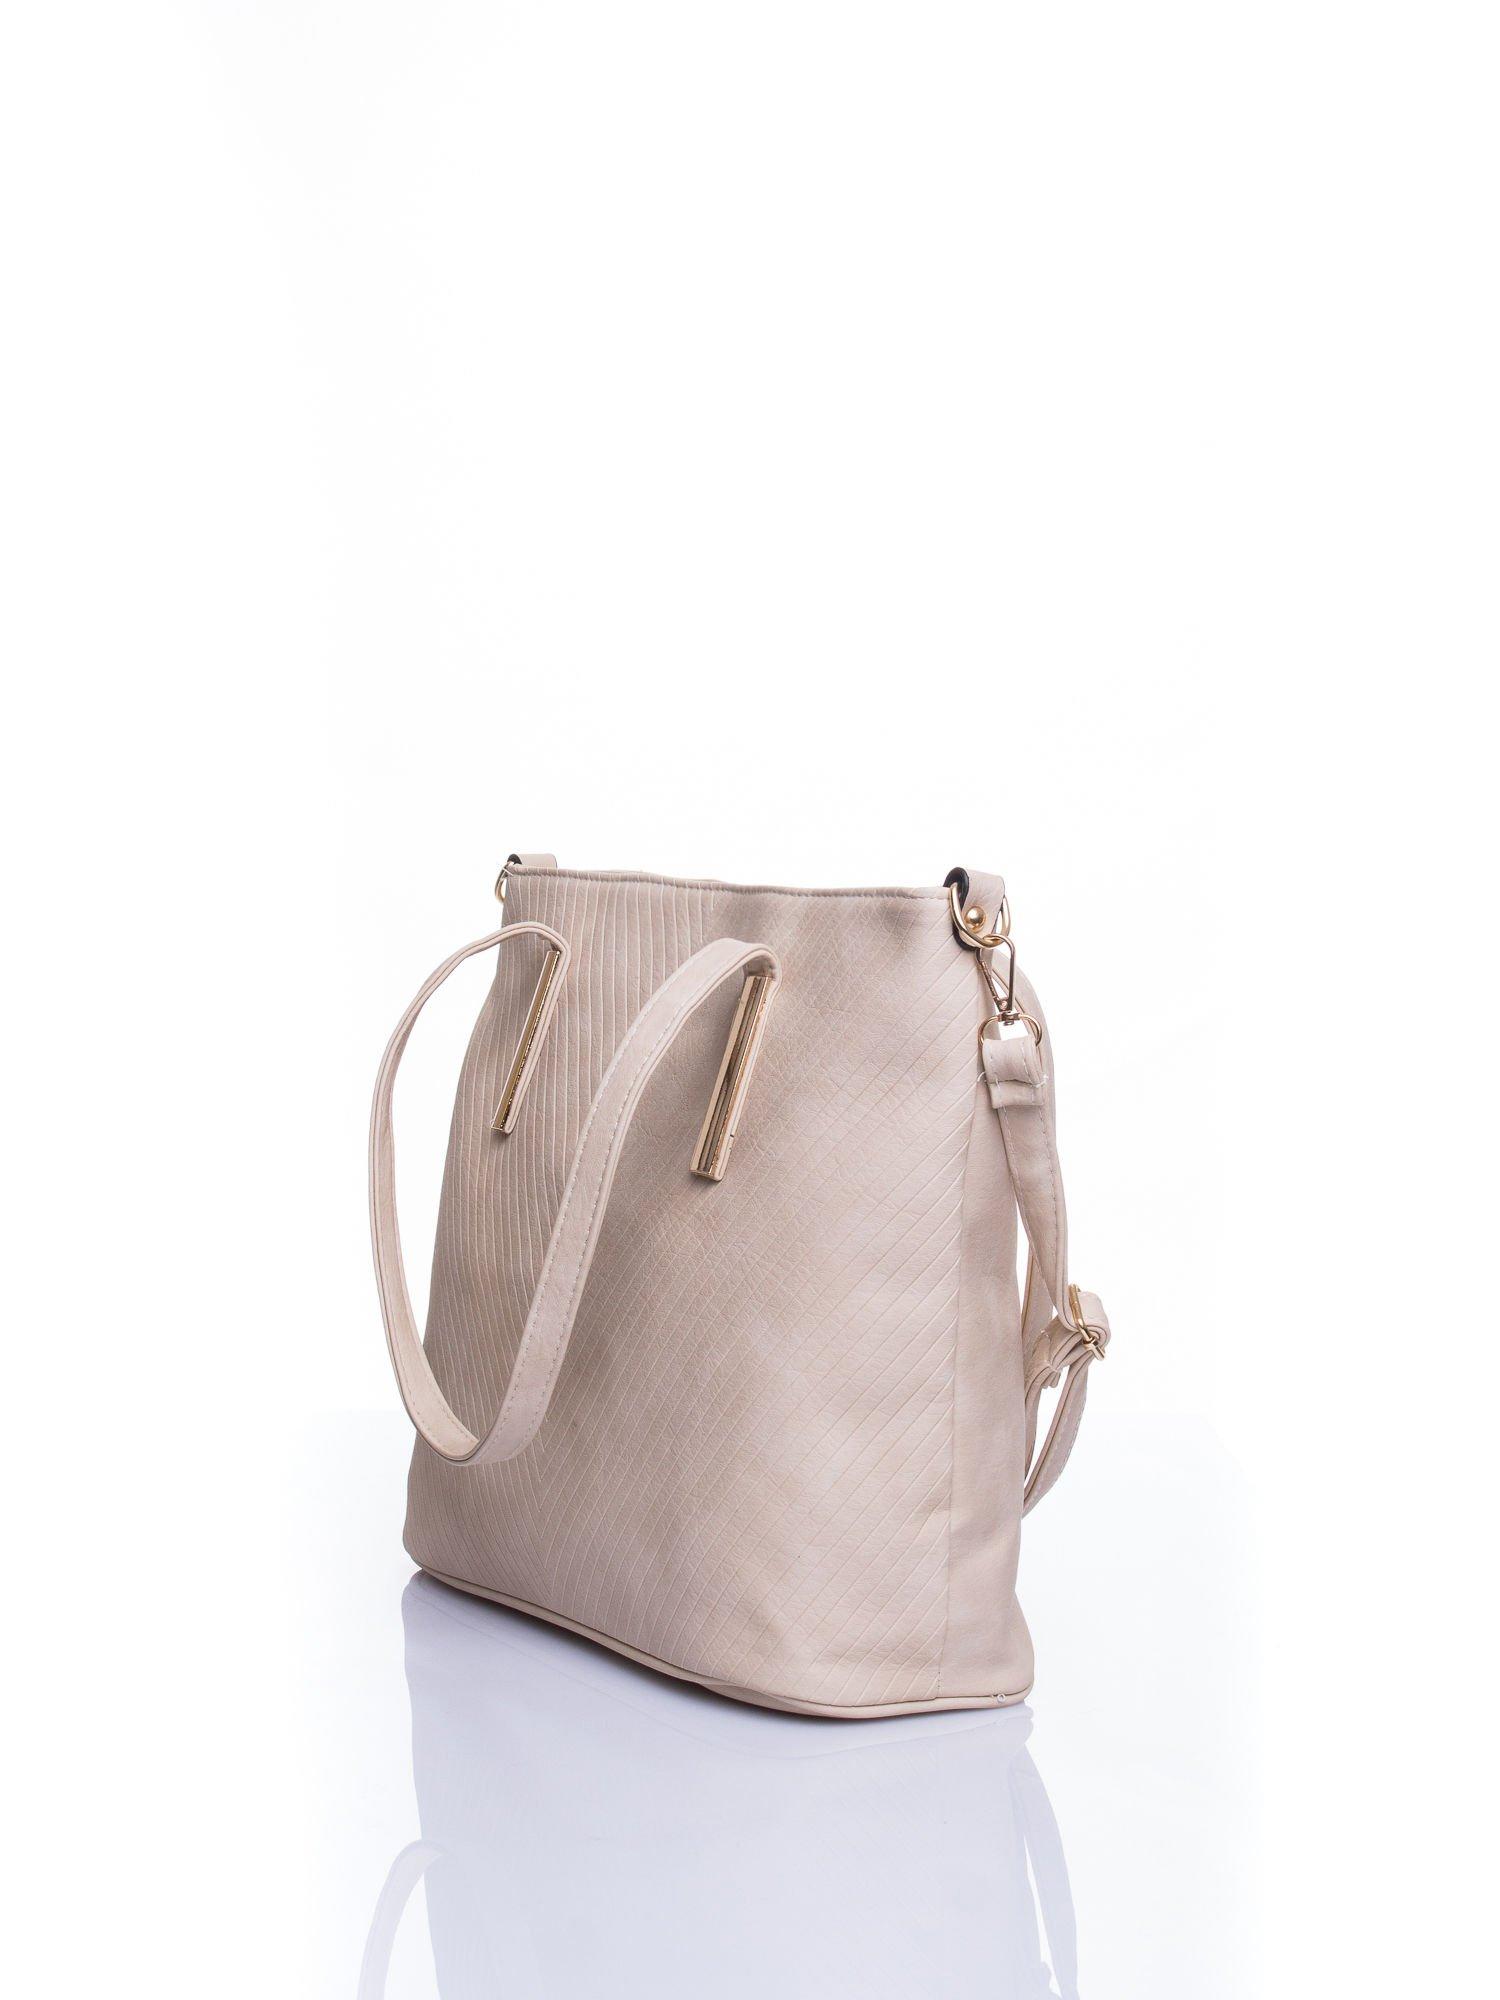 Kremowa fakturowana torba shopper bag                                  zdj.                                  4